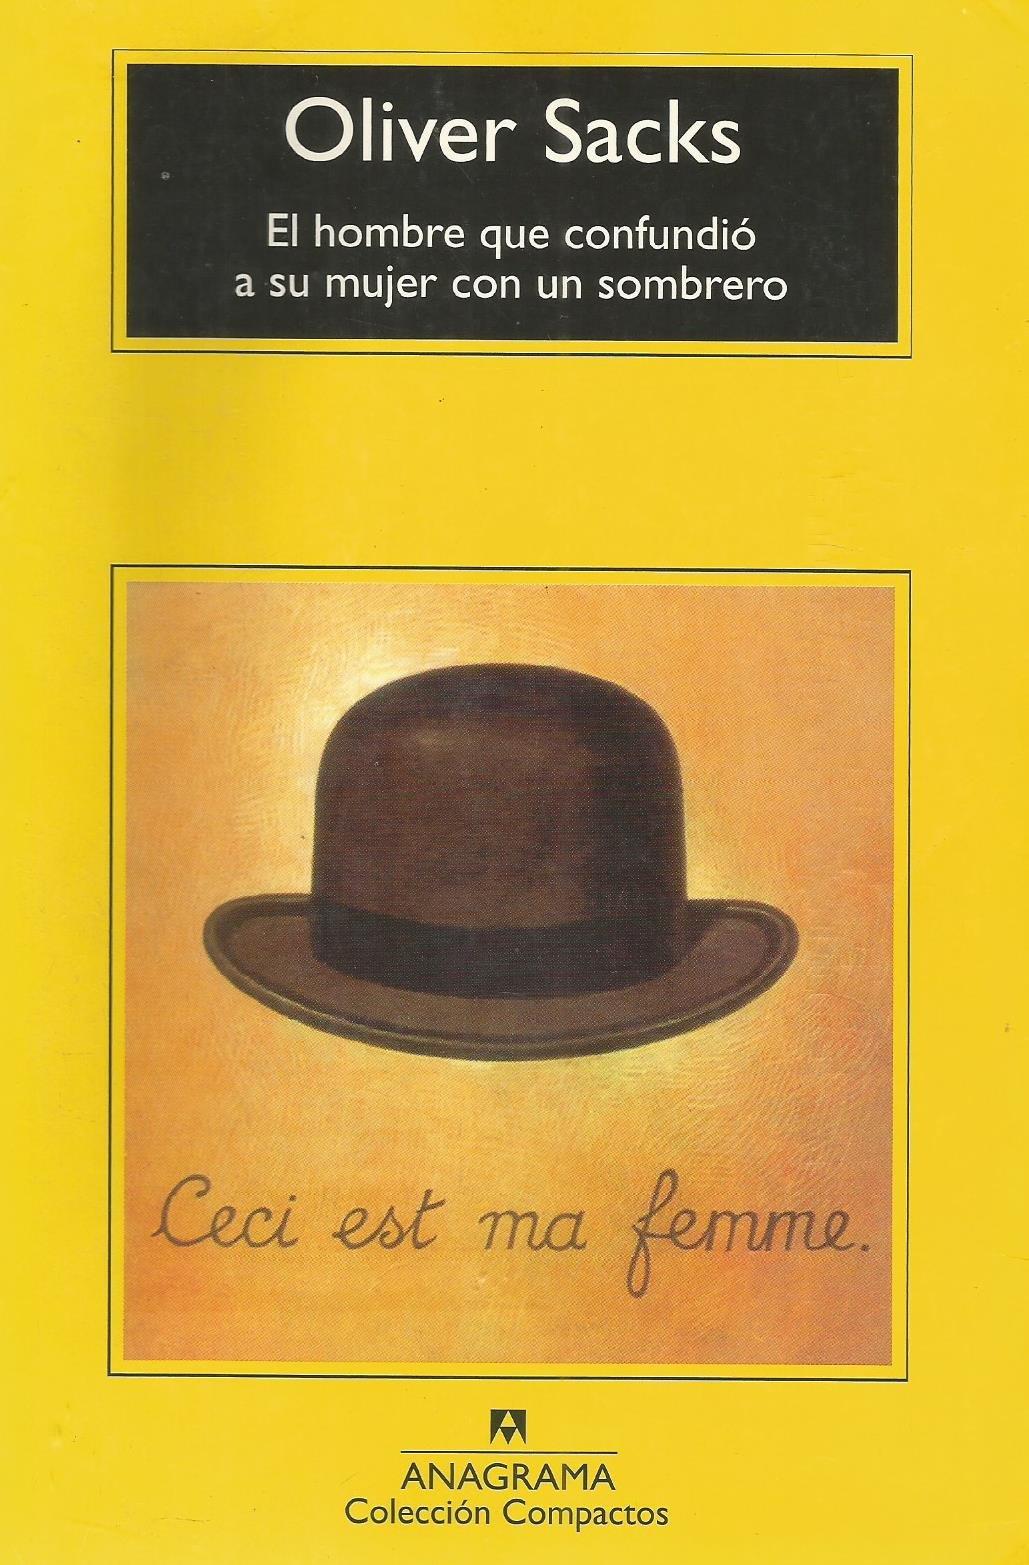 El hombre que confundió a su mujer con un sombrero: Amazon.es: Oliver  (1933- ) Sacks: Libros